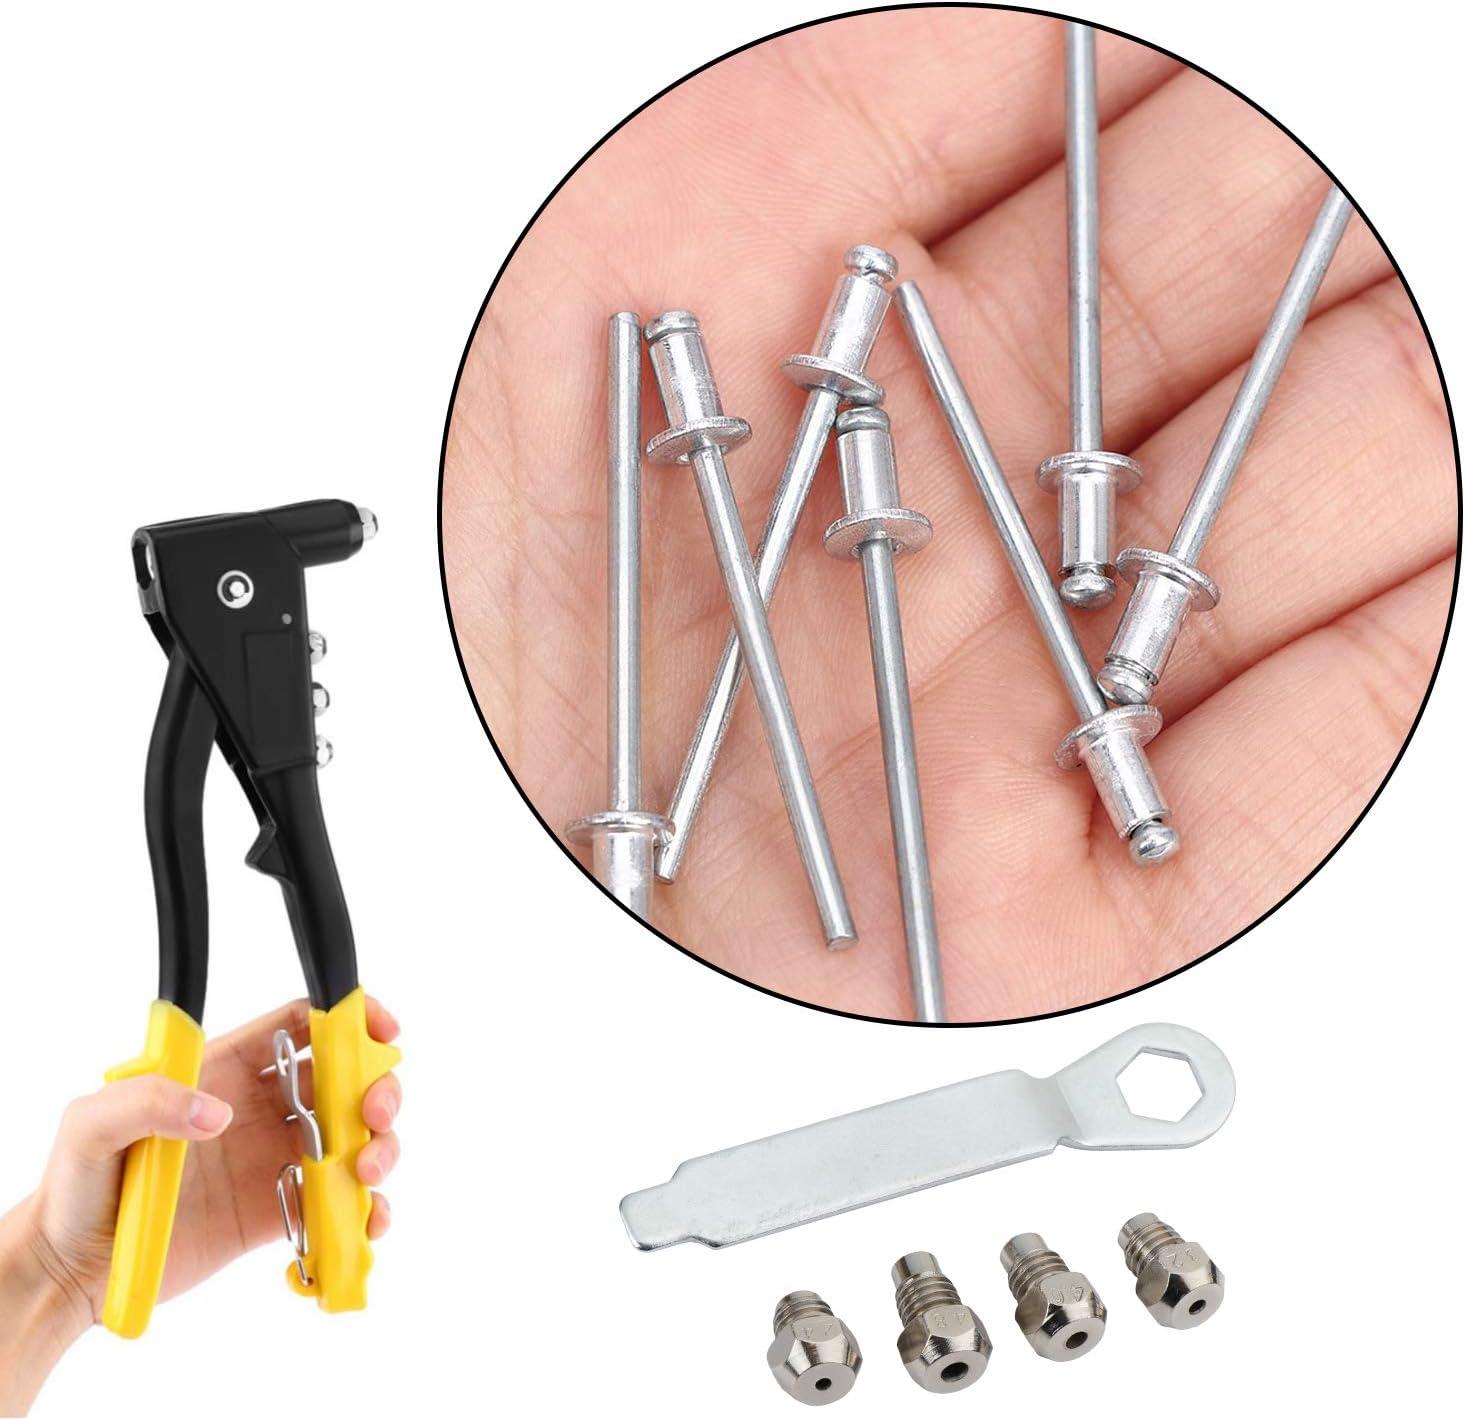 4 mm Hseamall 4 mm Kit rivettatrice a mano con 100 rivetti assortiti 2,4 mm 4 mm 4,8 mm 3,2 mm